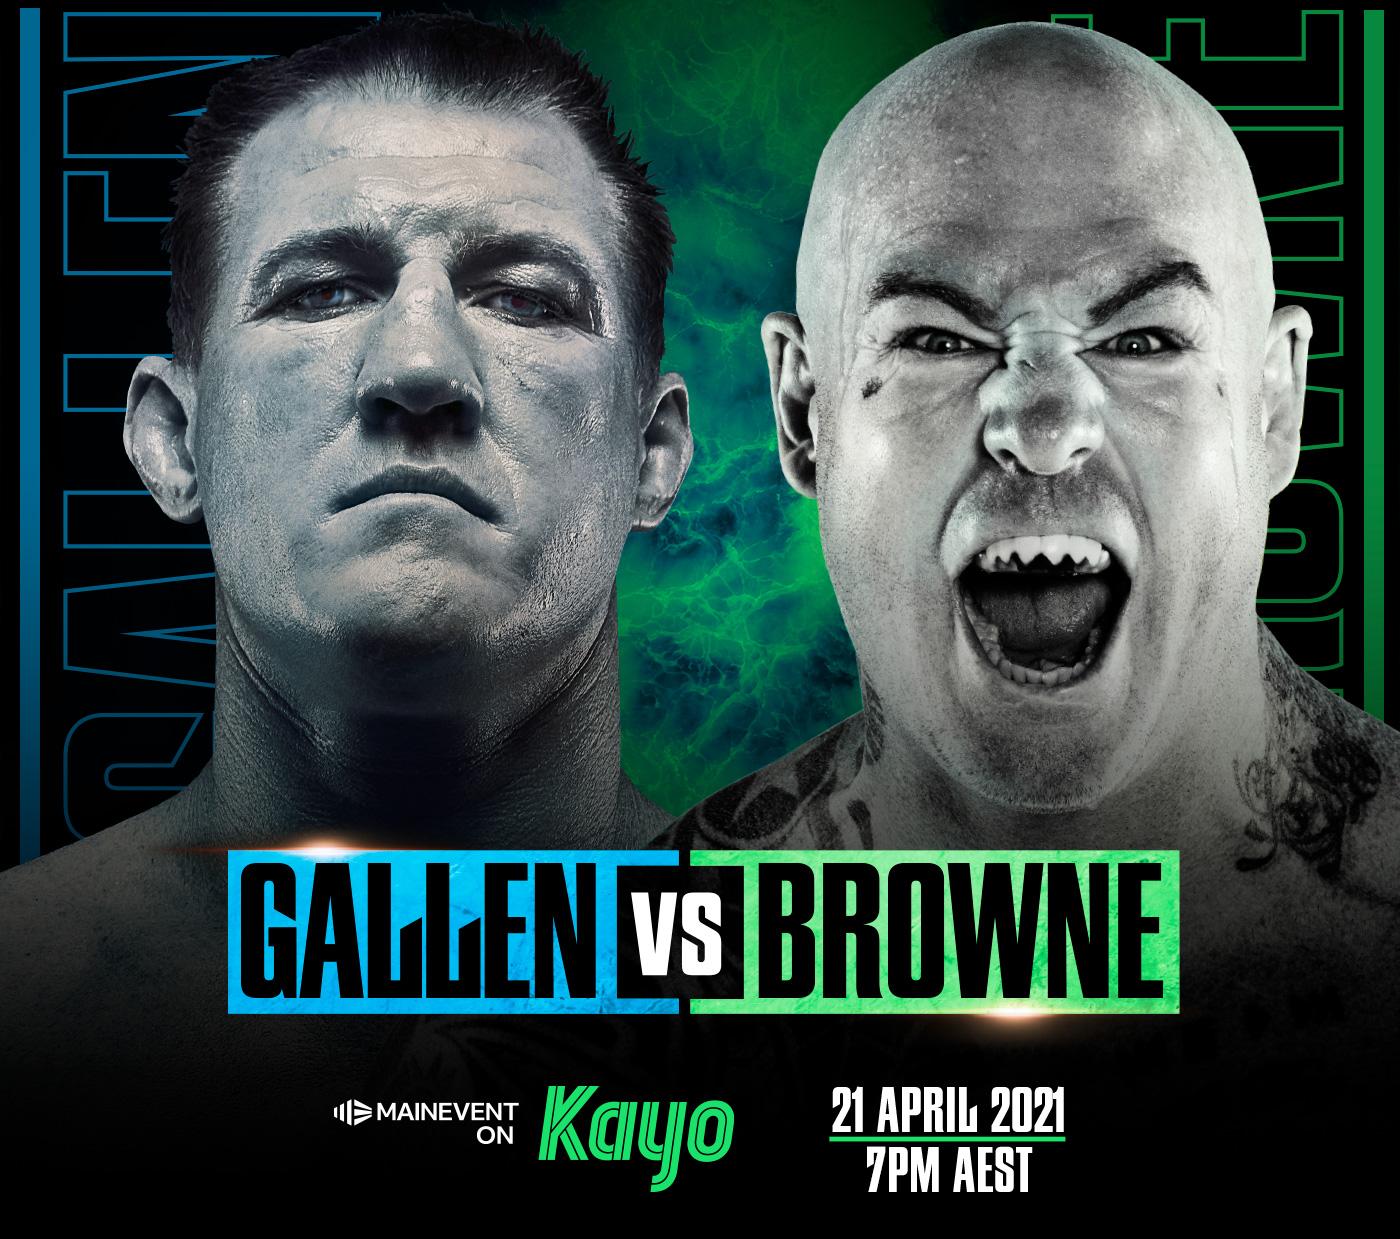 GALLEN vs BROWNE